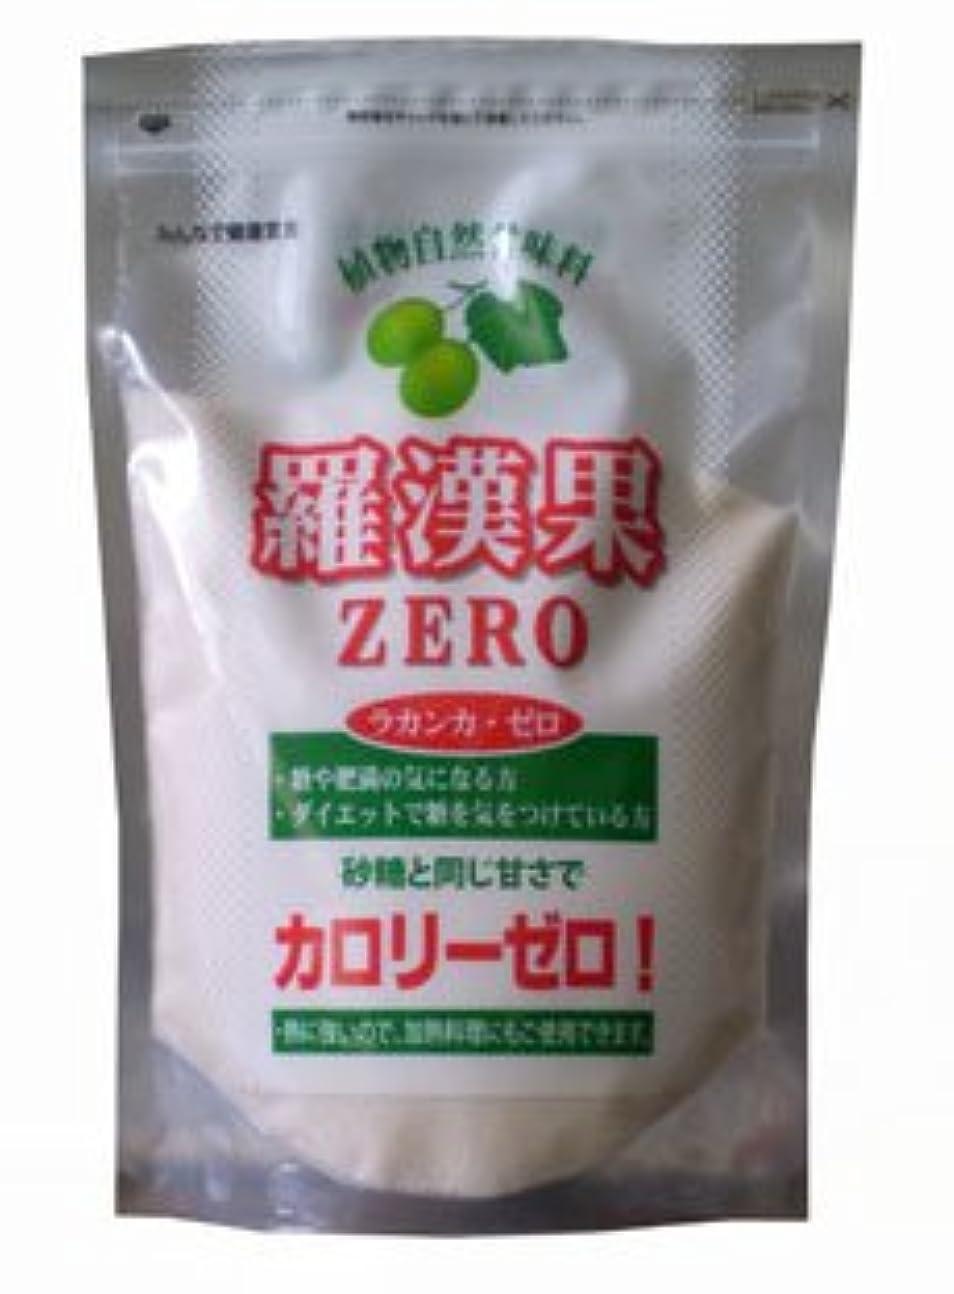 サイトライン静かにひばりカロリーが限りなくゼロに近い甘味料! 沖縄県産 羅漢果ゼロ 1000g(1袋) ダイエット中の方、糖尿が気になる方にお勧め!